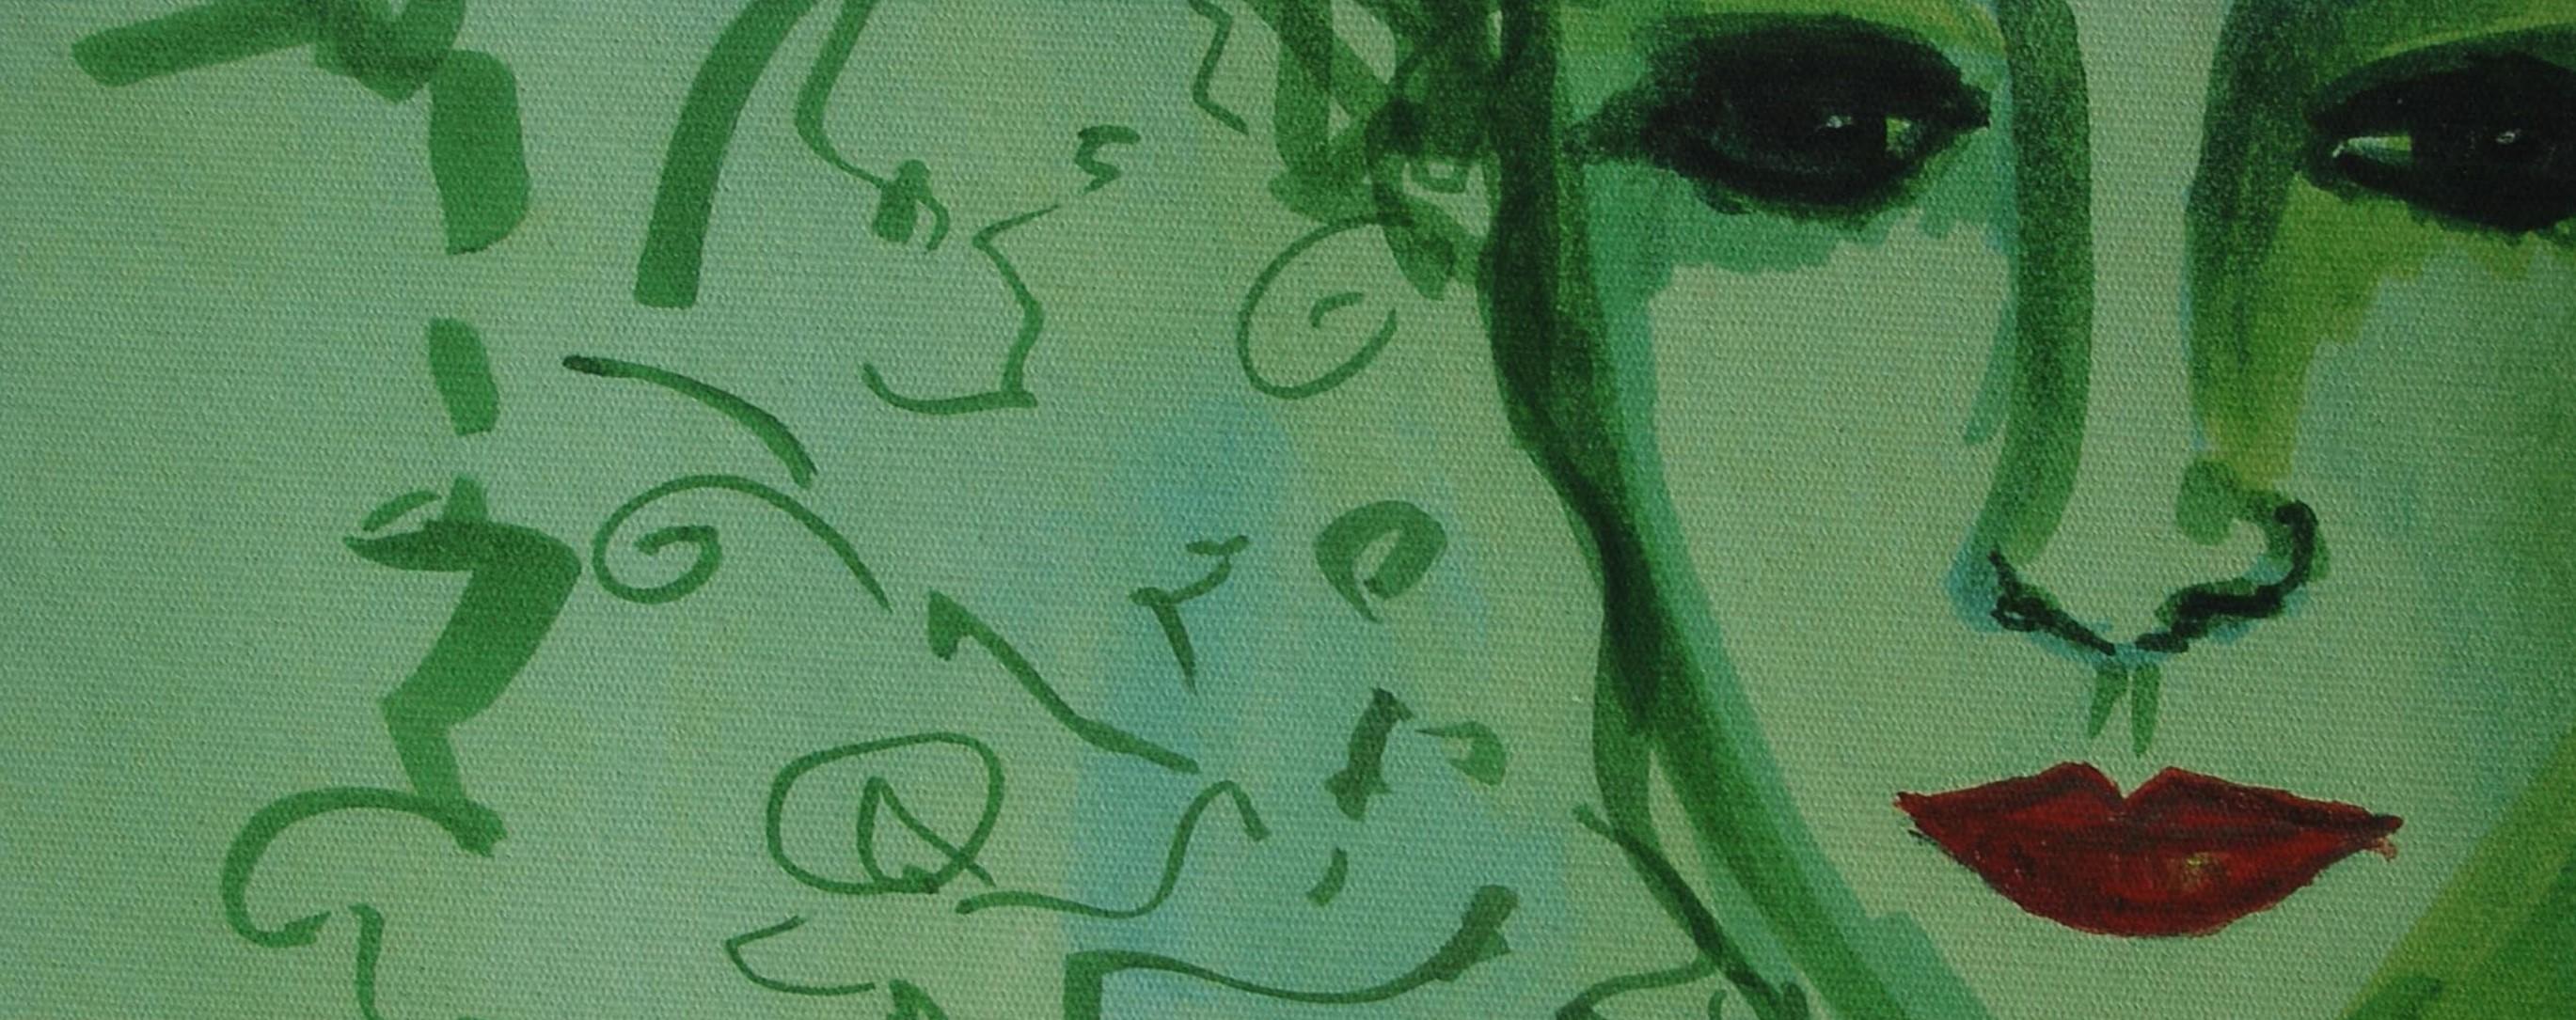 martis-barbara_green-face